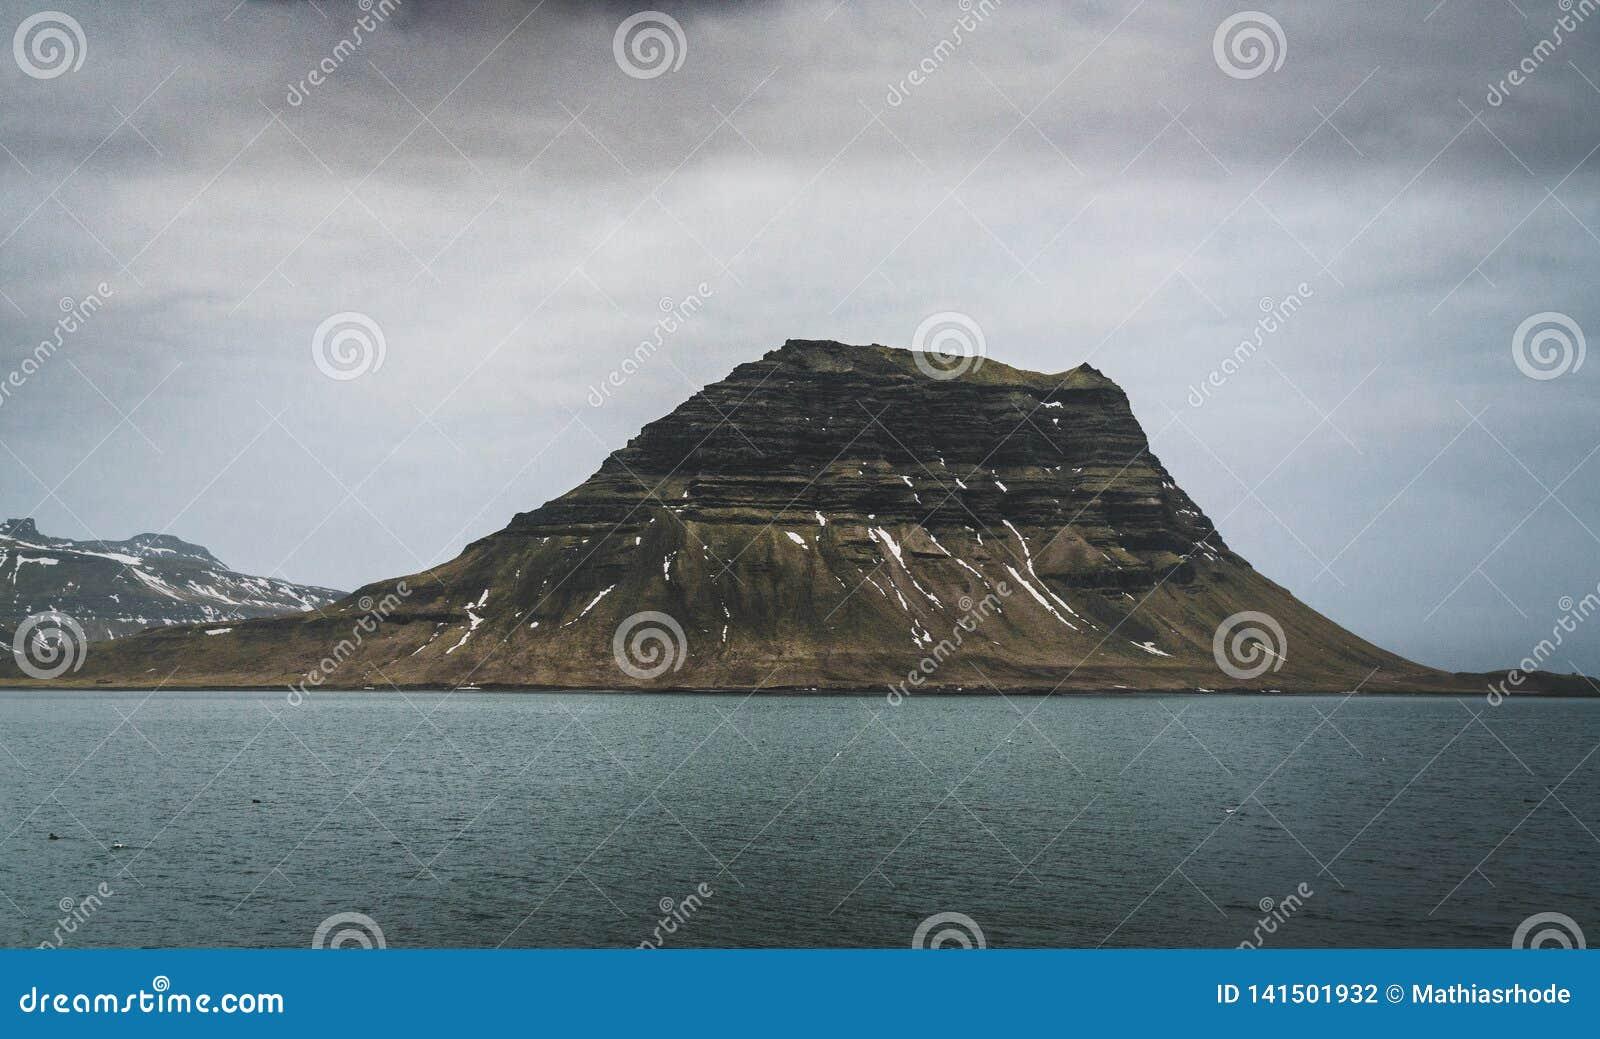 Kirkufell Mountain Church Mountain in English overlooking Grundarfjordur Bay on the Snaefellsnes Peninsula in western